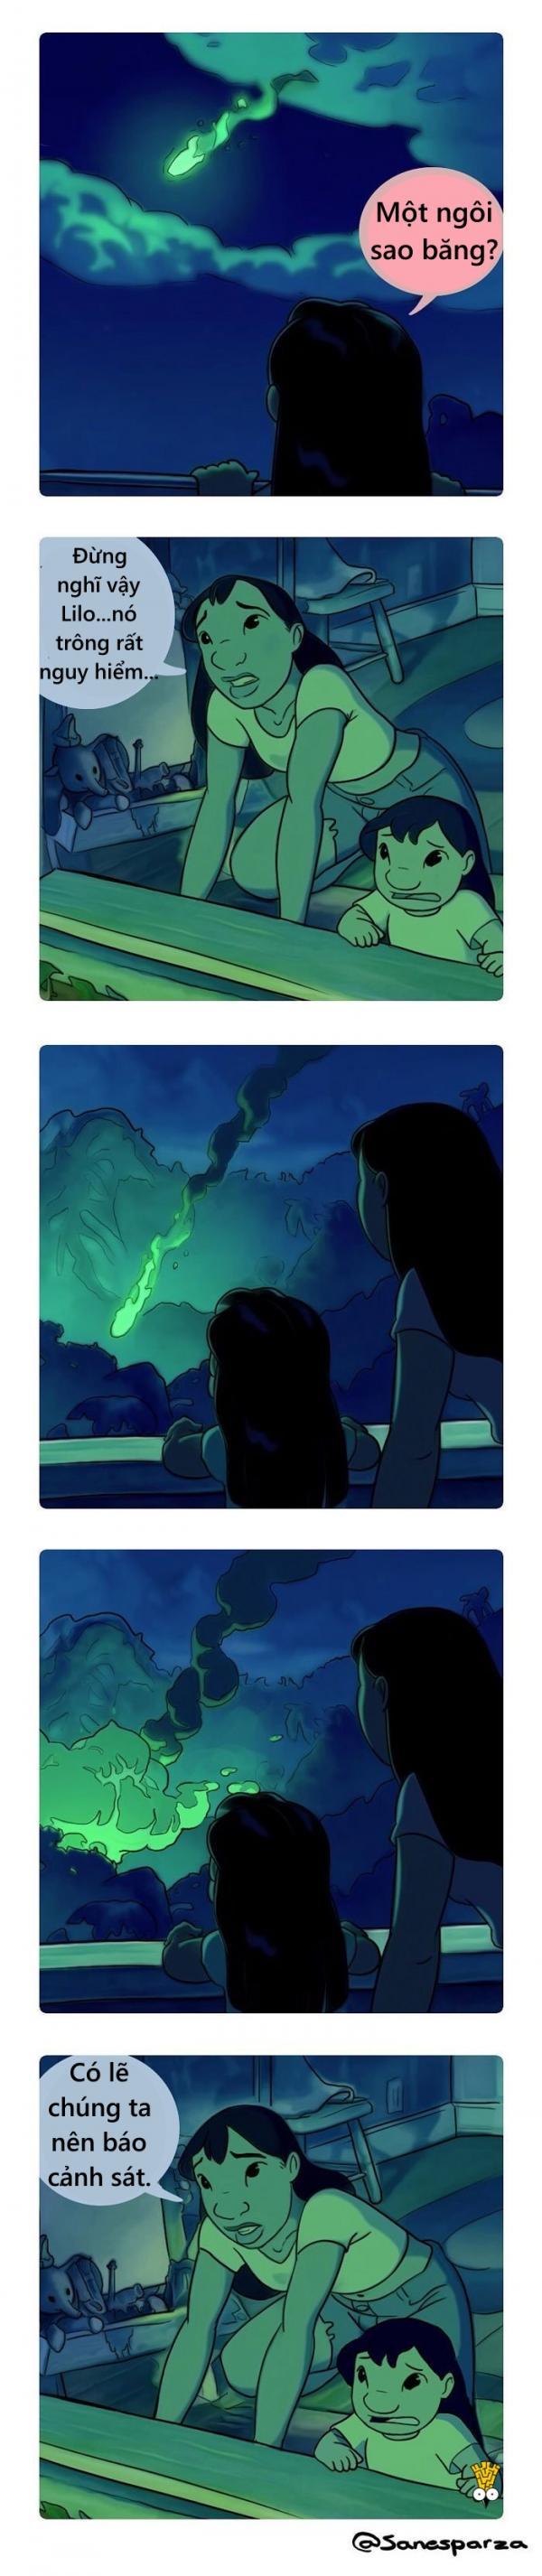 Ngoại truyện của hoạt hình Disney không dành cho những ai muốn sống mãi với tuổi thơ hồn nhiên